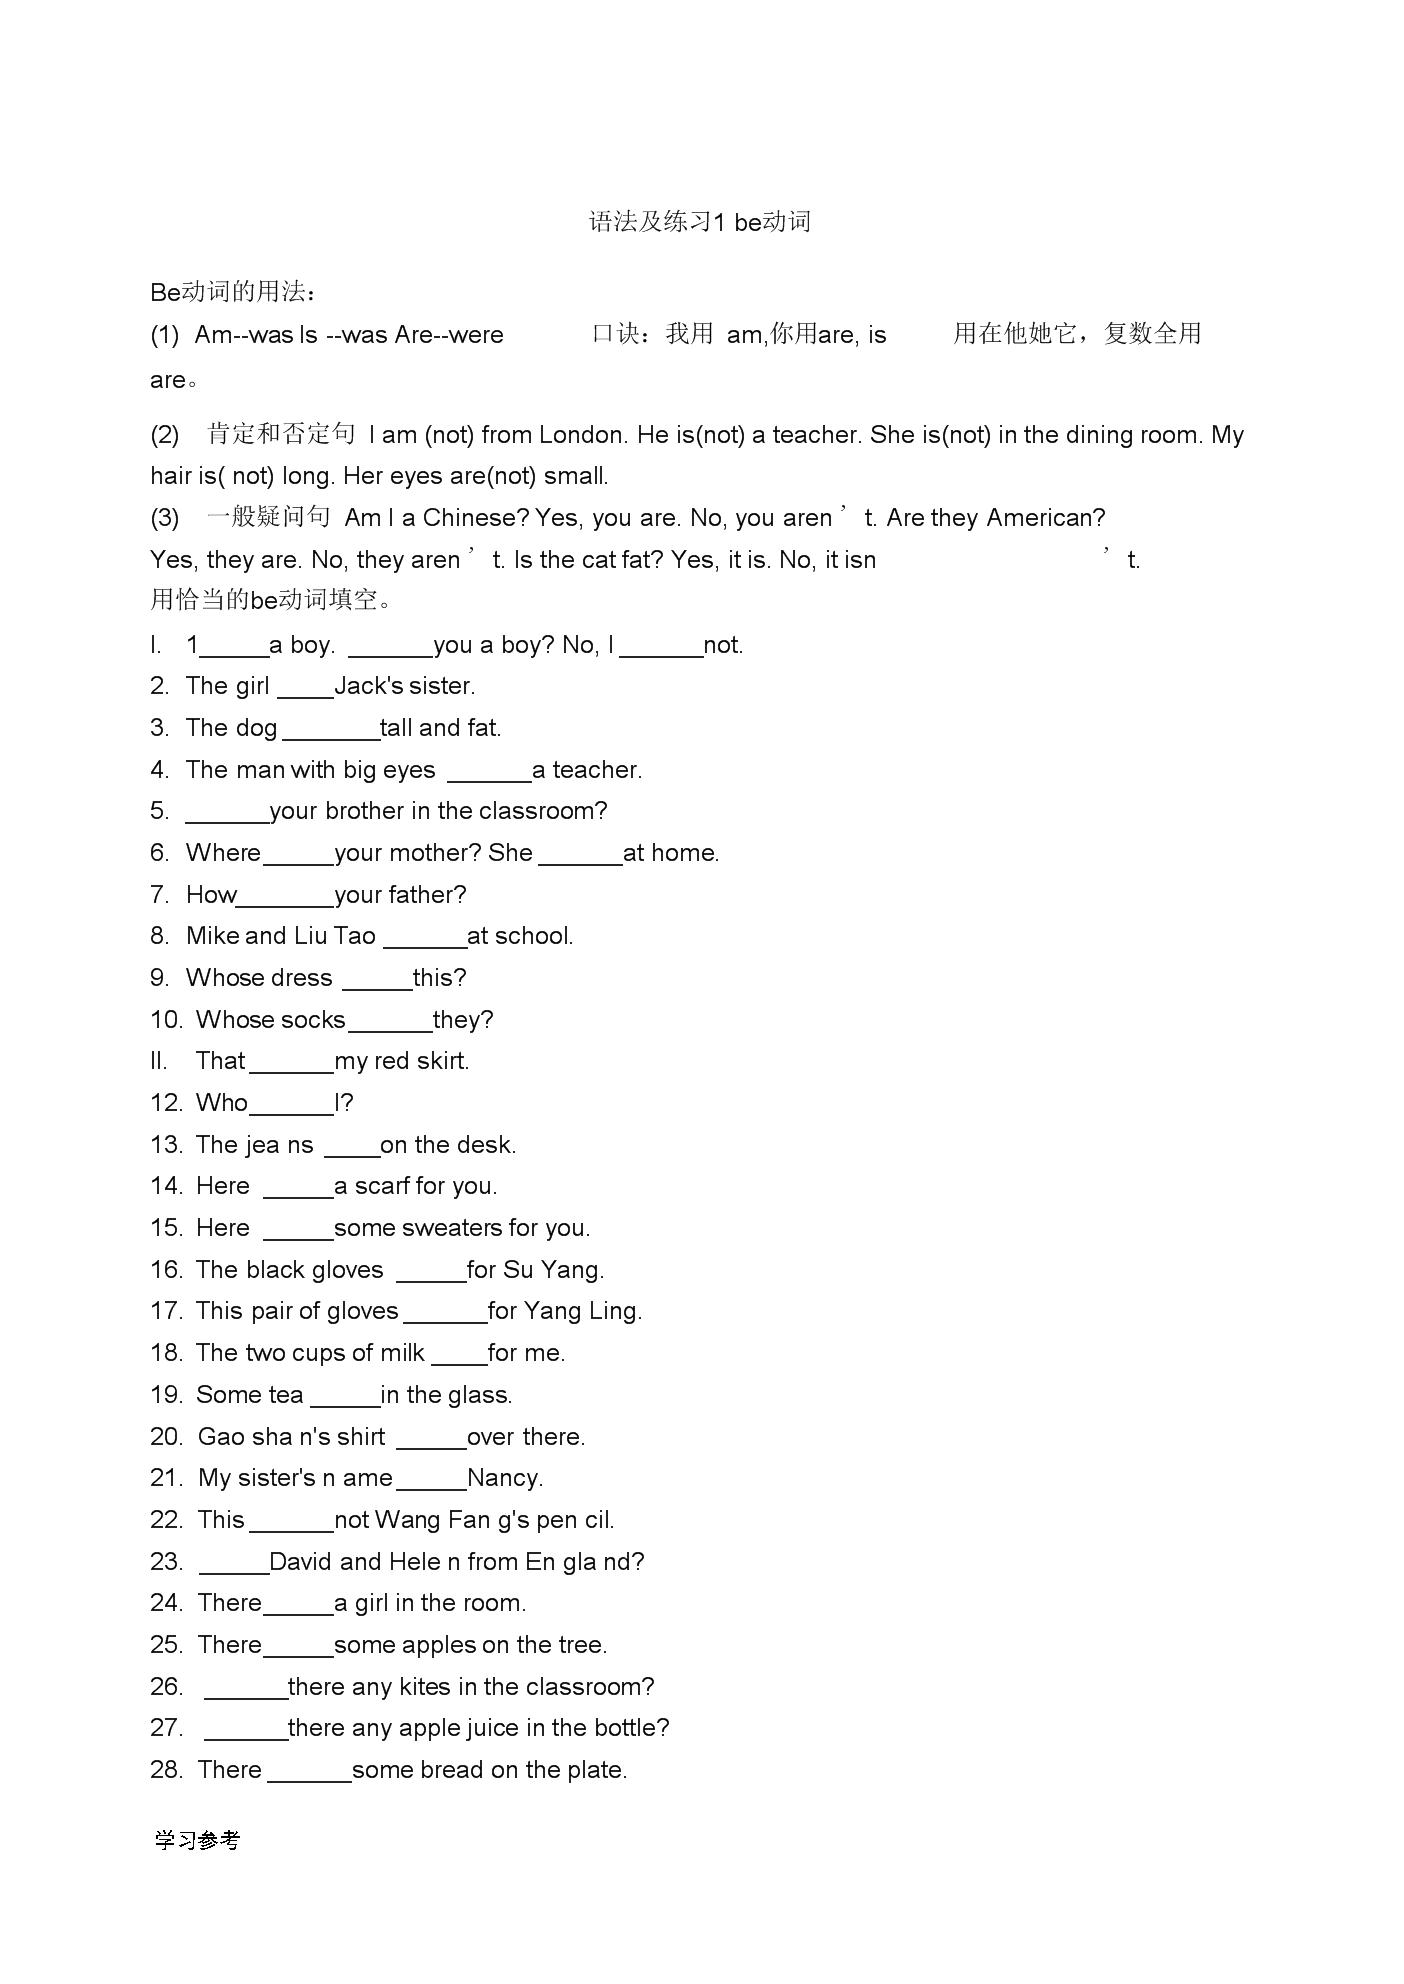 最新译林小学英语语法点汇总资料全.docx